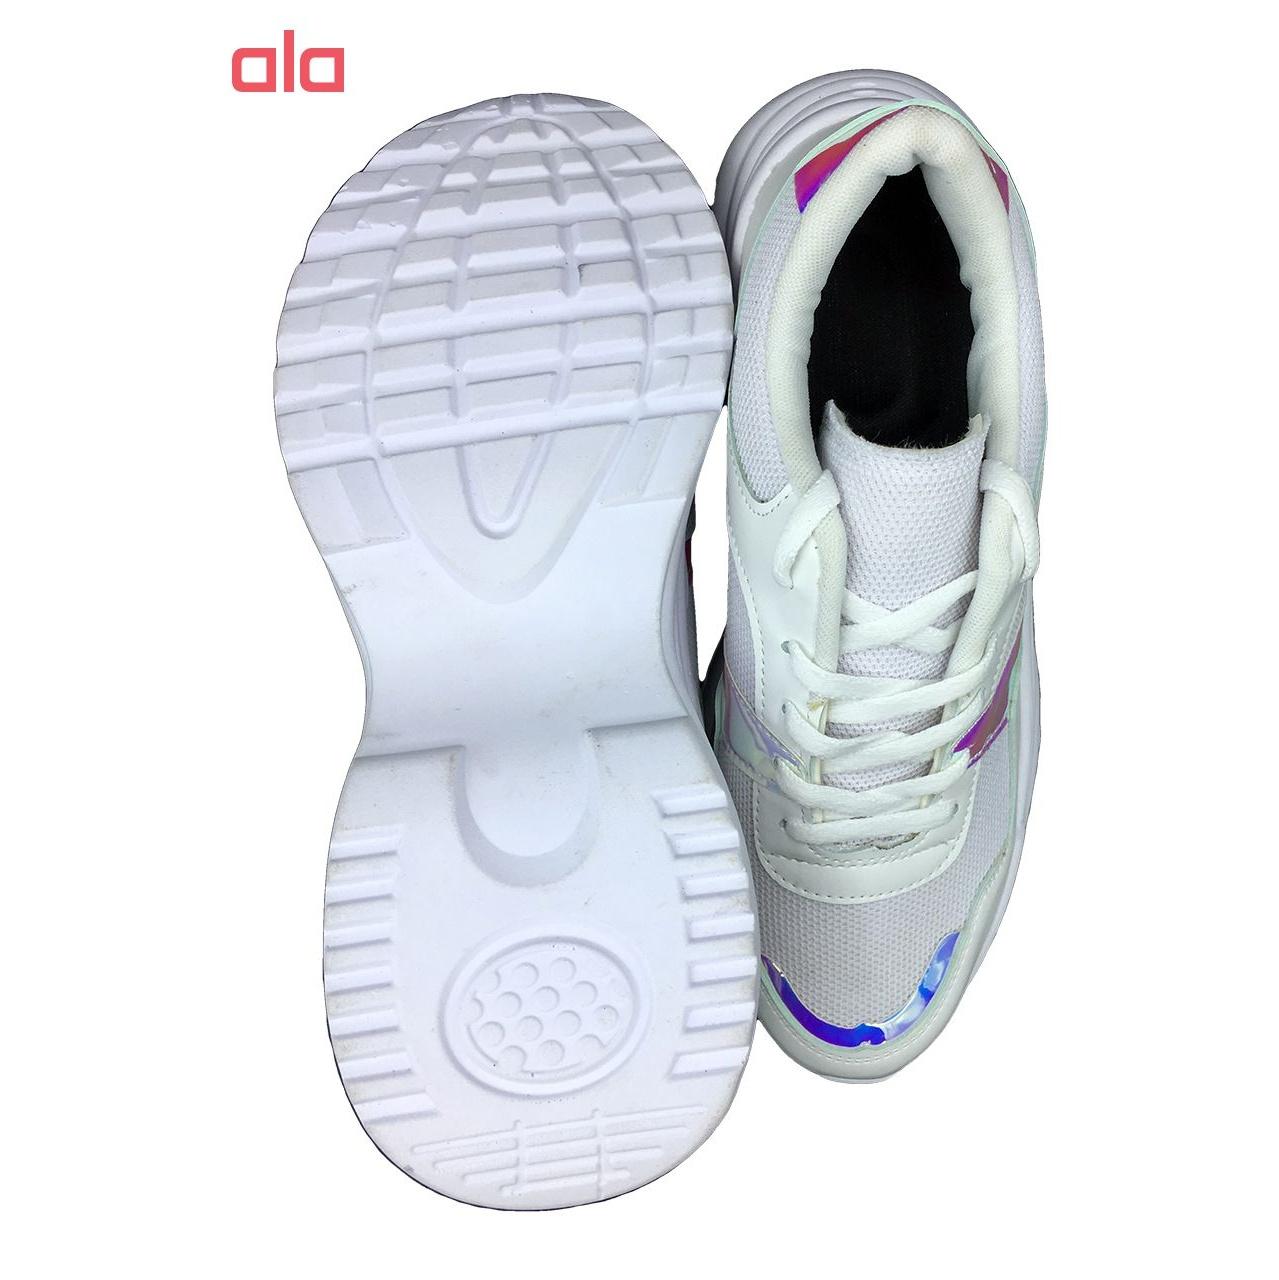 کفش مخصوص پیاده روی زنانه مدل ho 25 رنگ سفید main 1 4